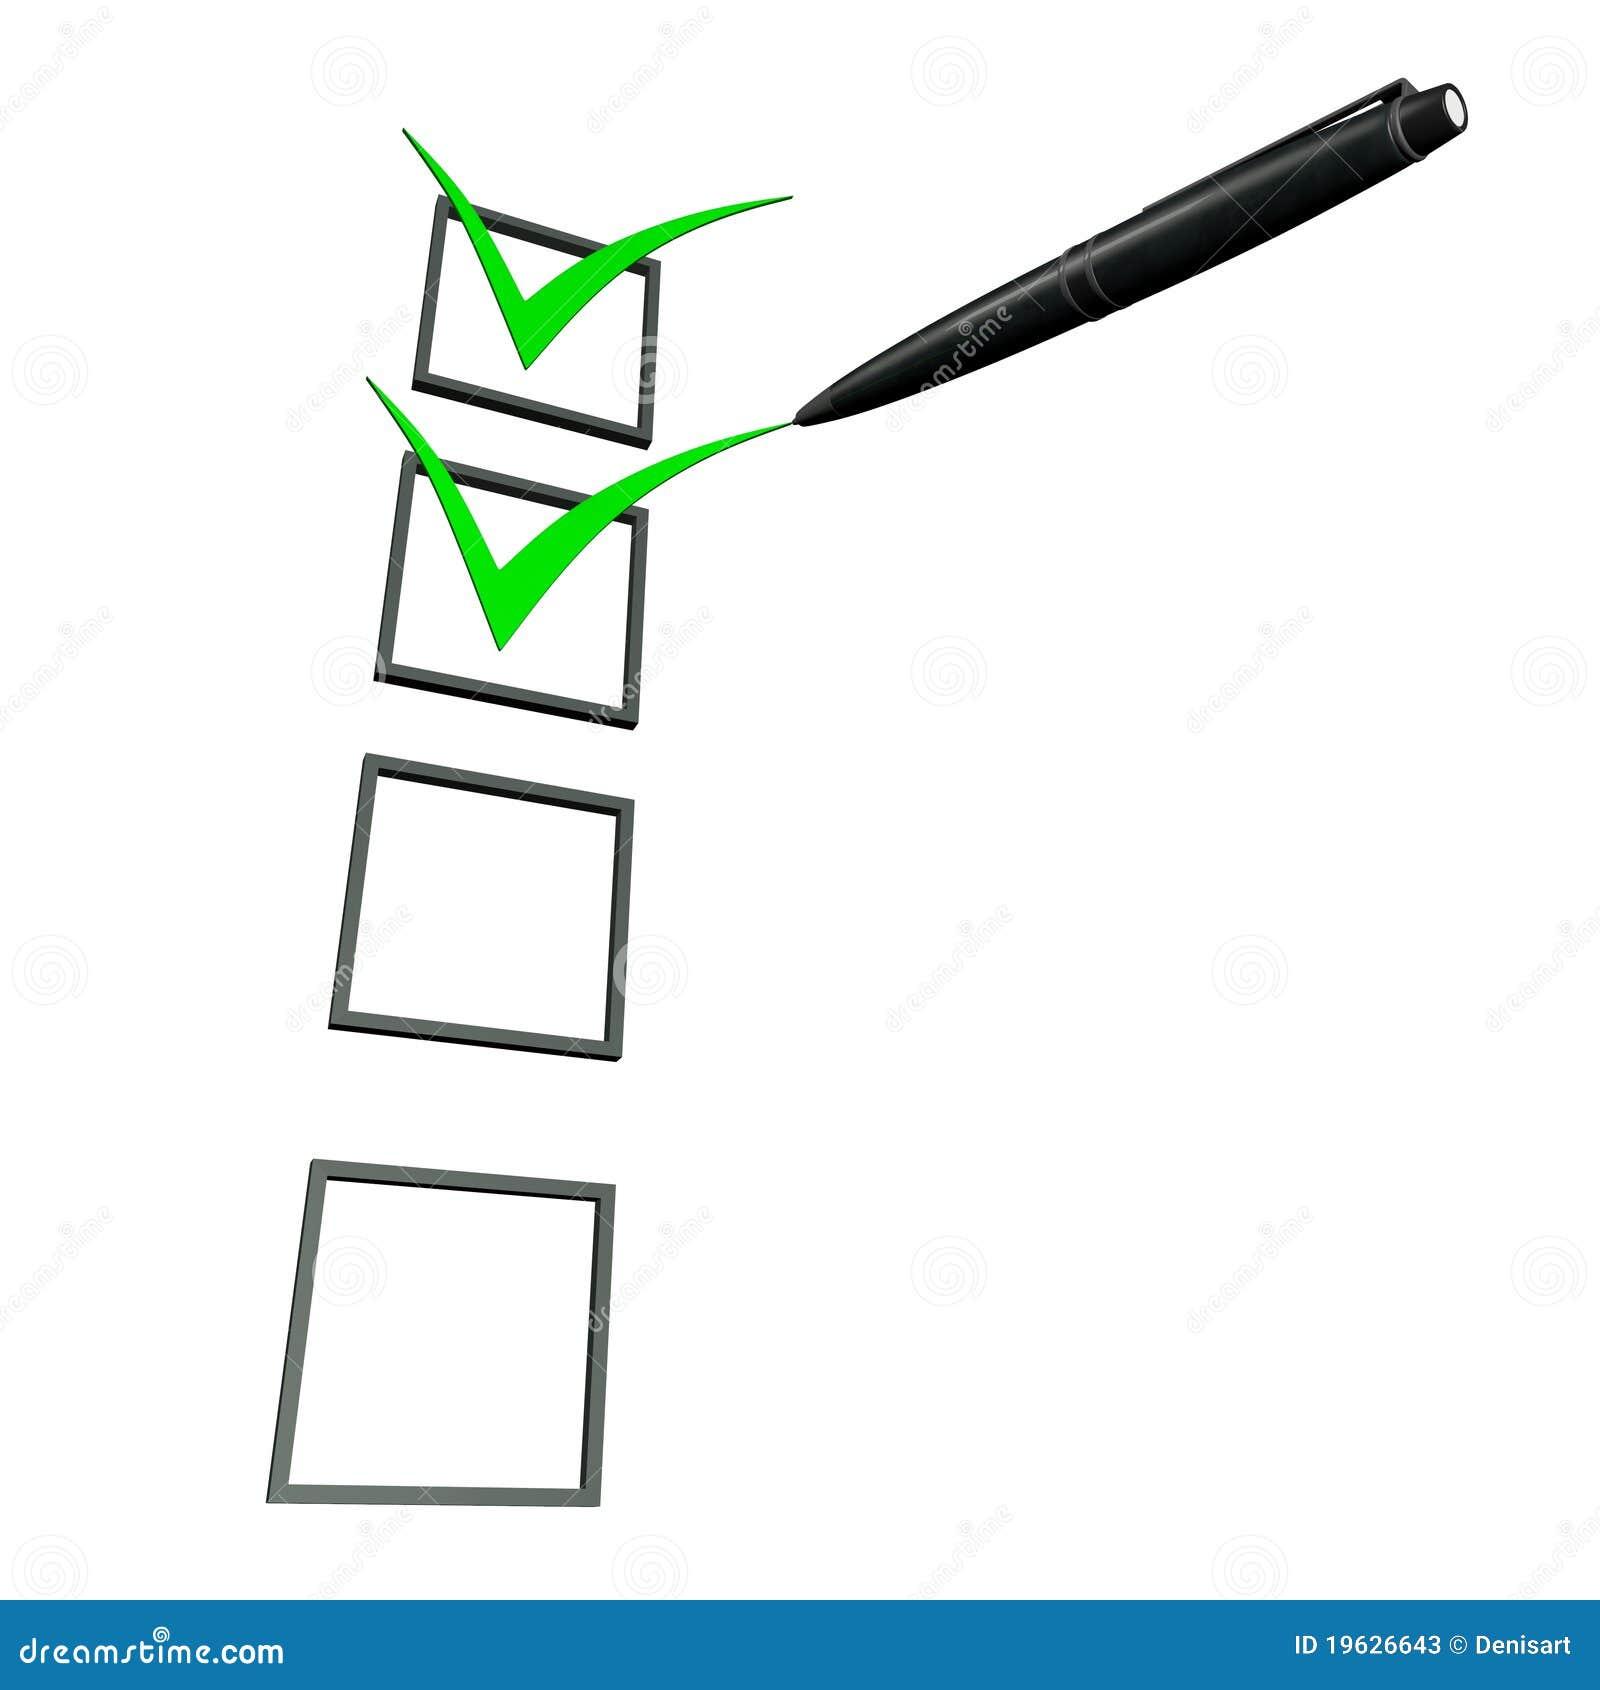 3d Green Check Box Pen Stock Photos - Image: 19626643